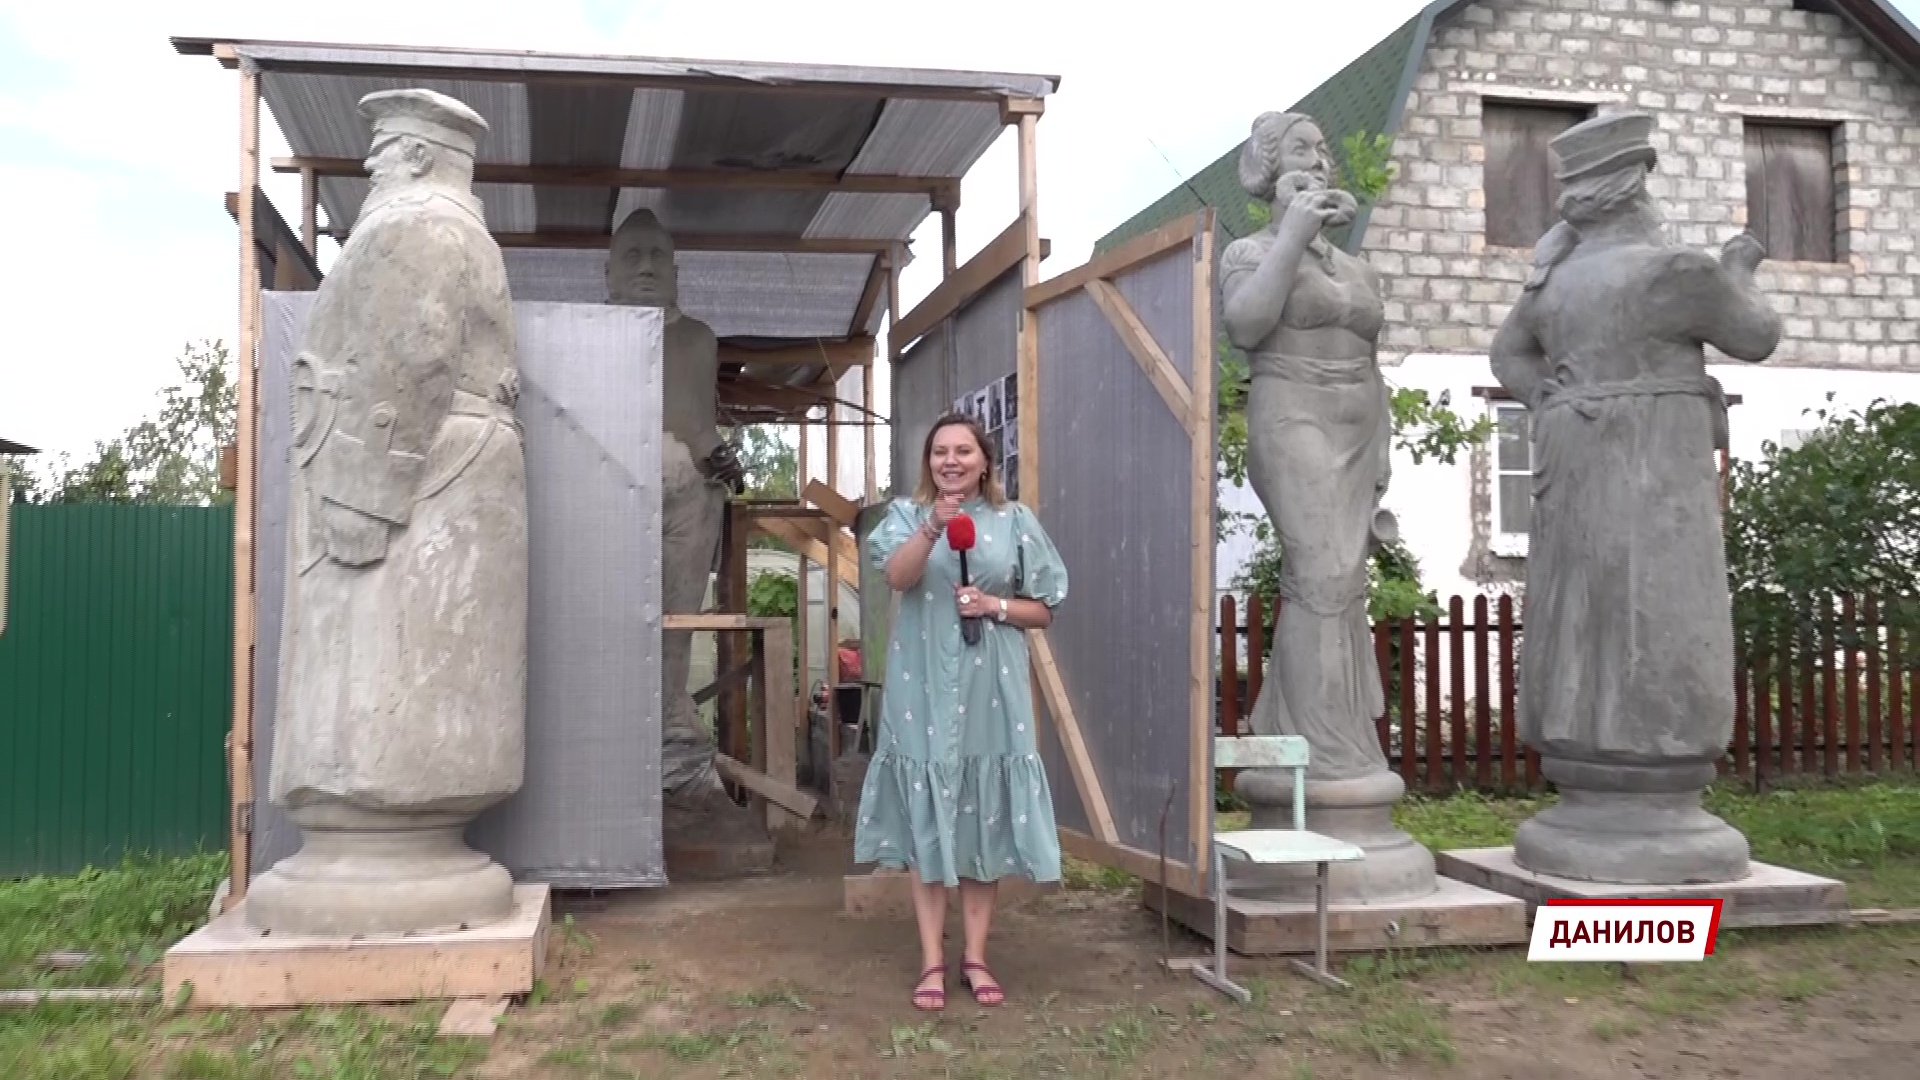 Обновленную Советскую площадь в Данилове украсят гигантские шахматные фигуры